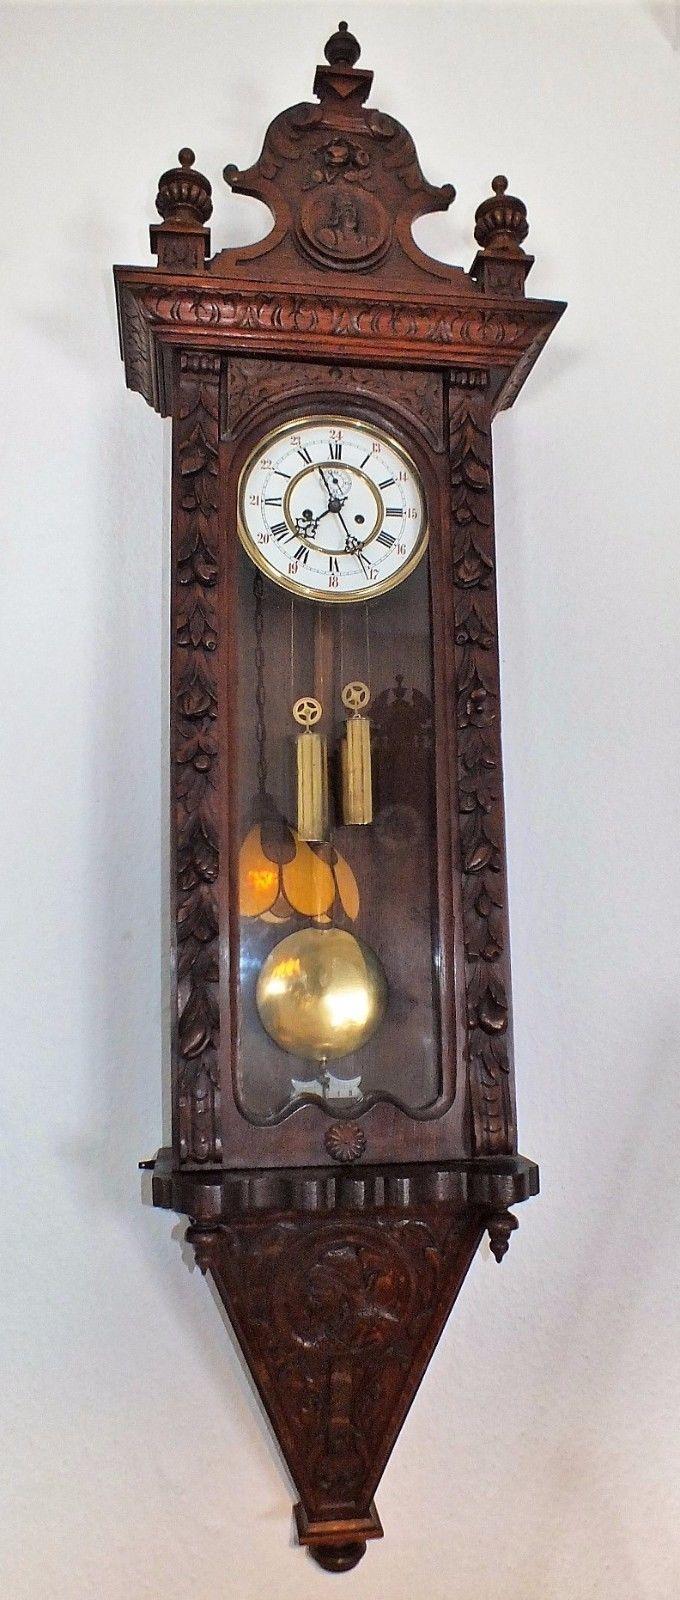 165cm Hoch Jugendstil SchwarzwÄlder Black Forest Wiener Vienna Regulator Unikate Ebay Jugendstil Antike Uhren Stil